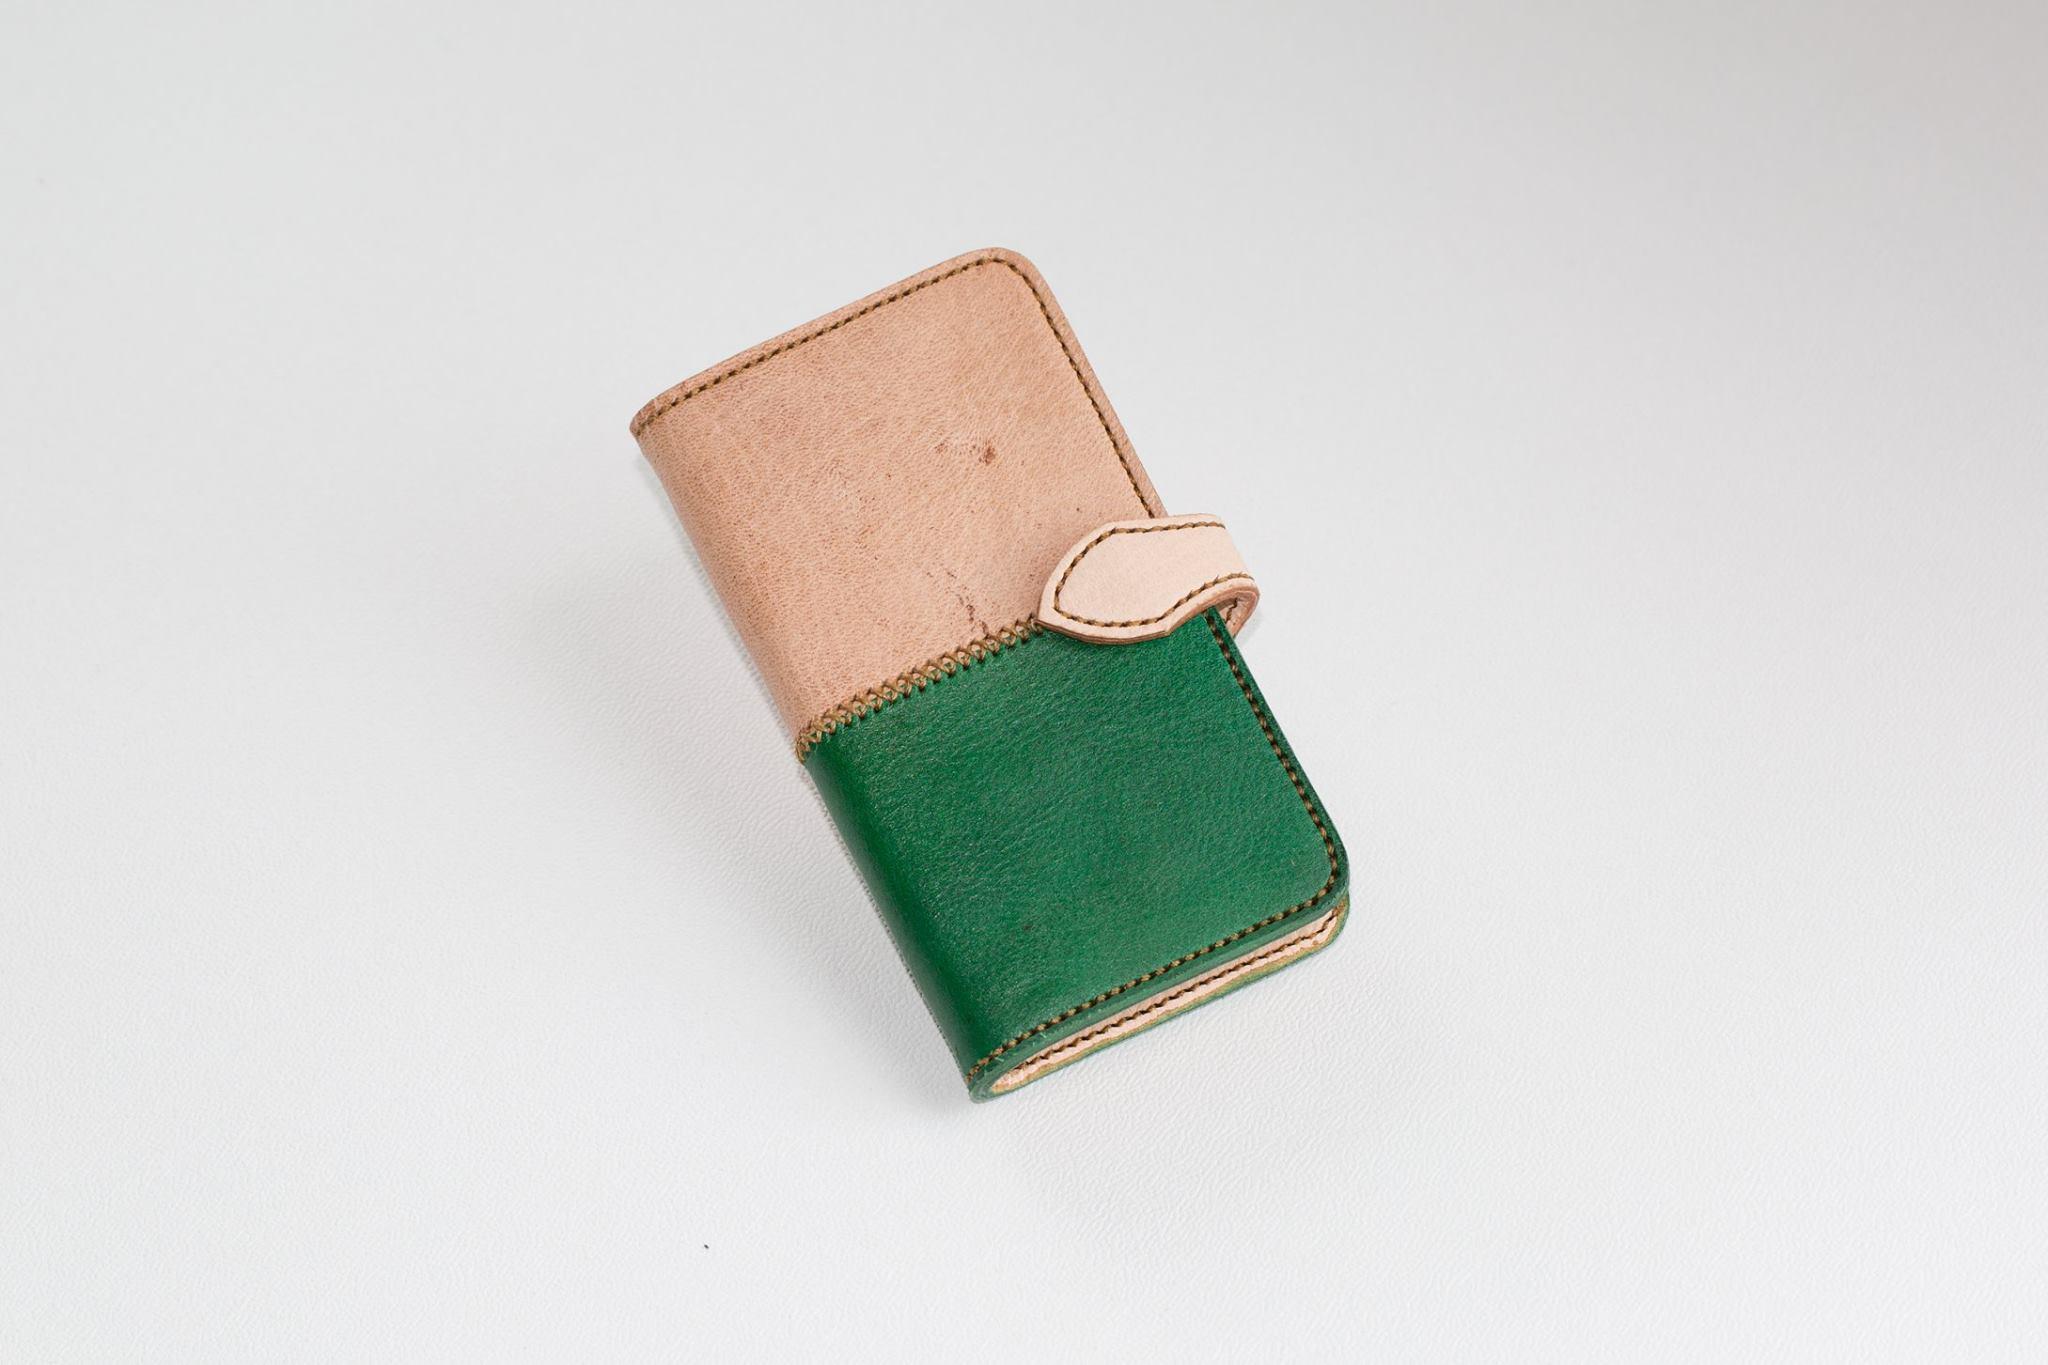 鹿革製品 朱華-HANEZU 特別展示会 at 長崎県美術館